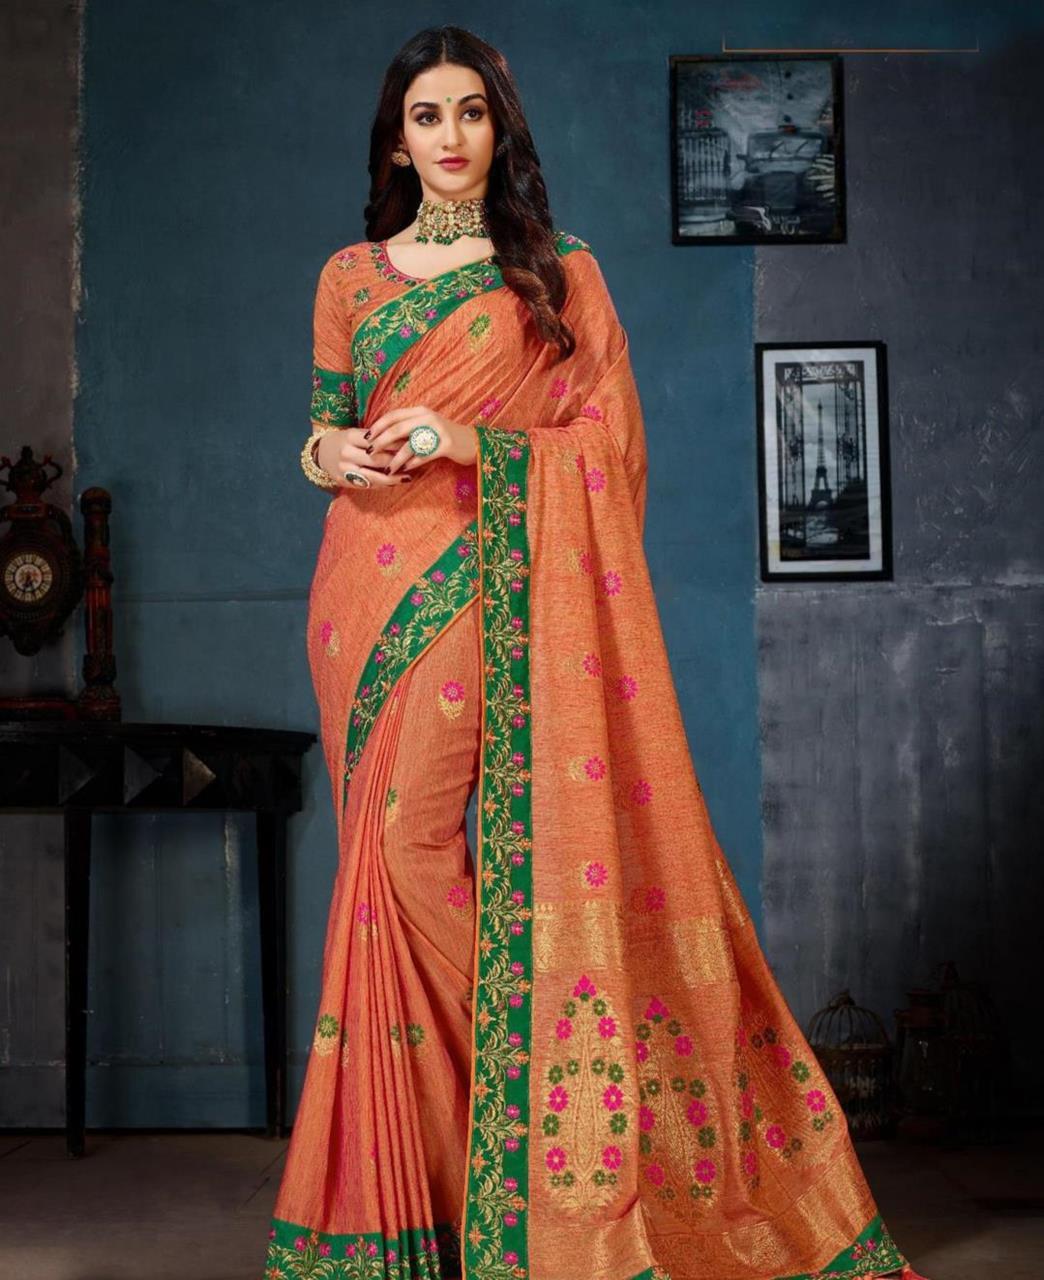 Jacquard Cotton Saree (Sari) in Orange